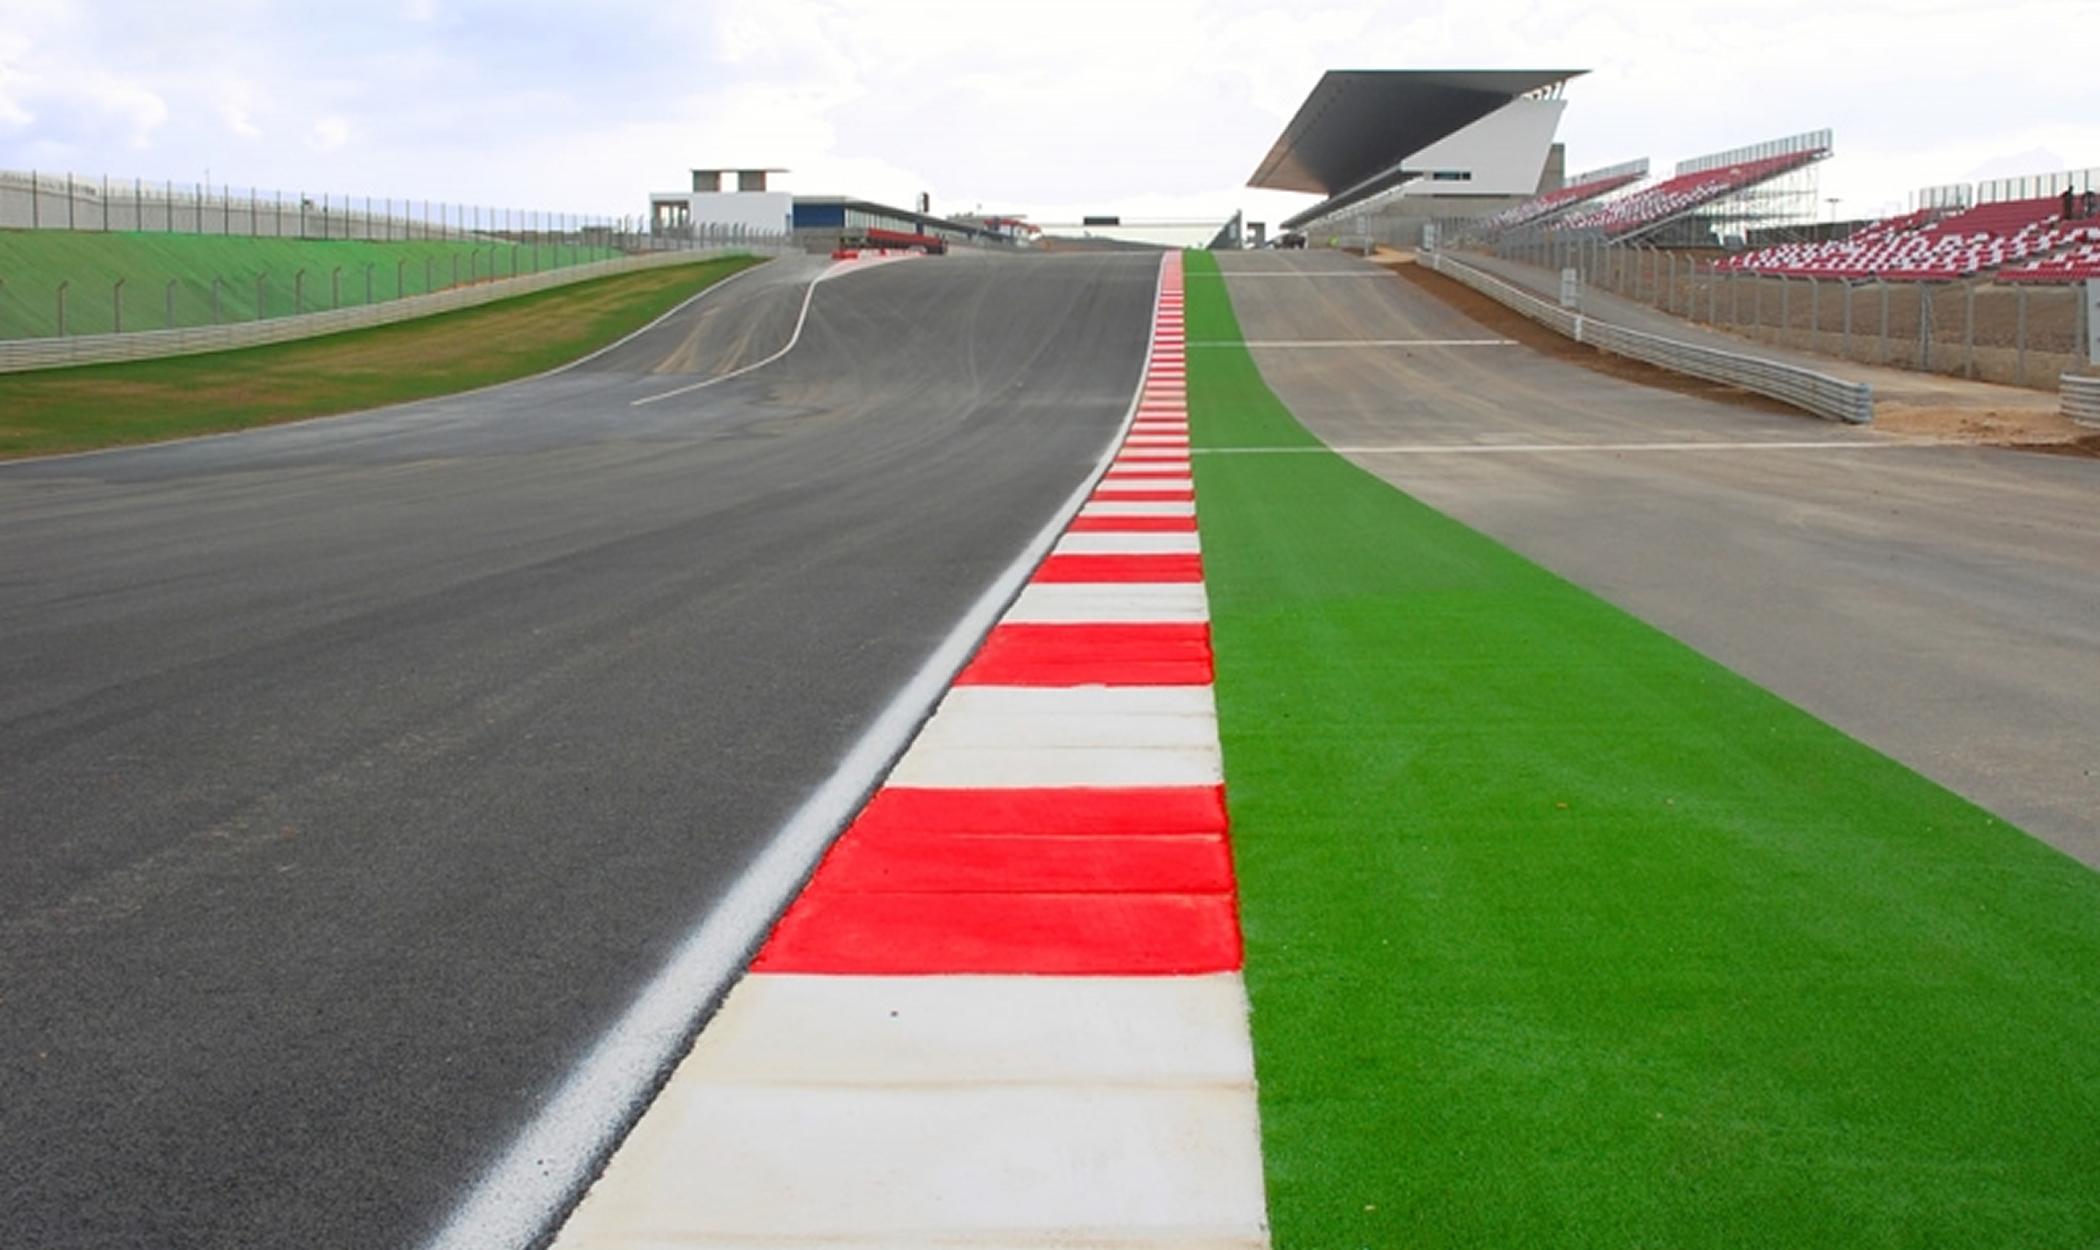 Autódromo Internacional  do Algarve